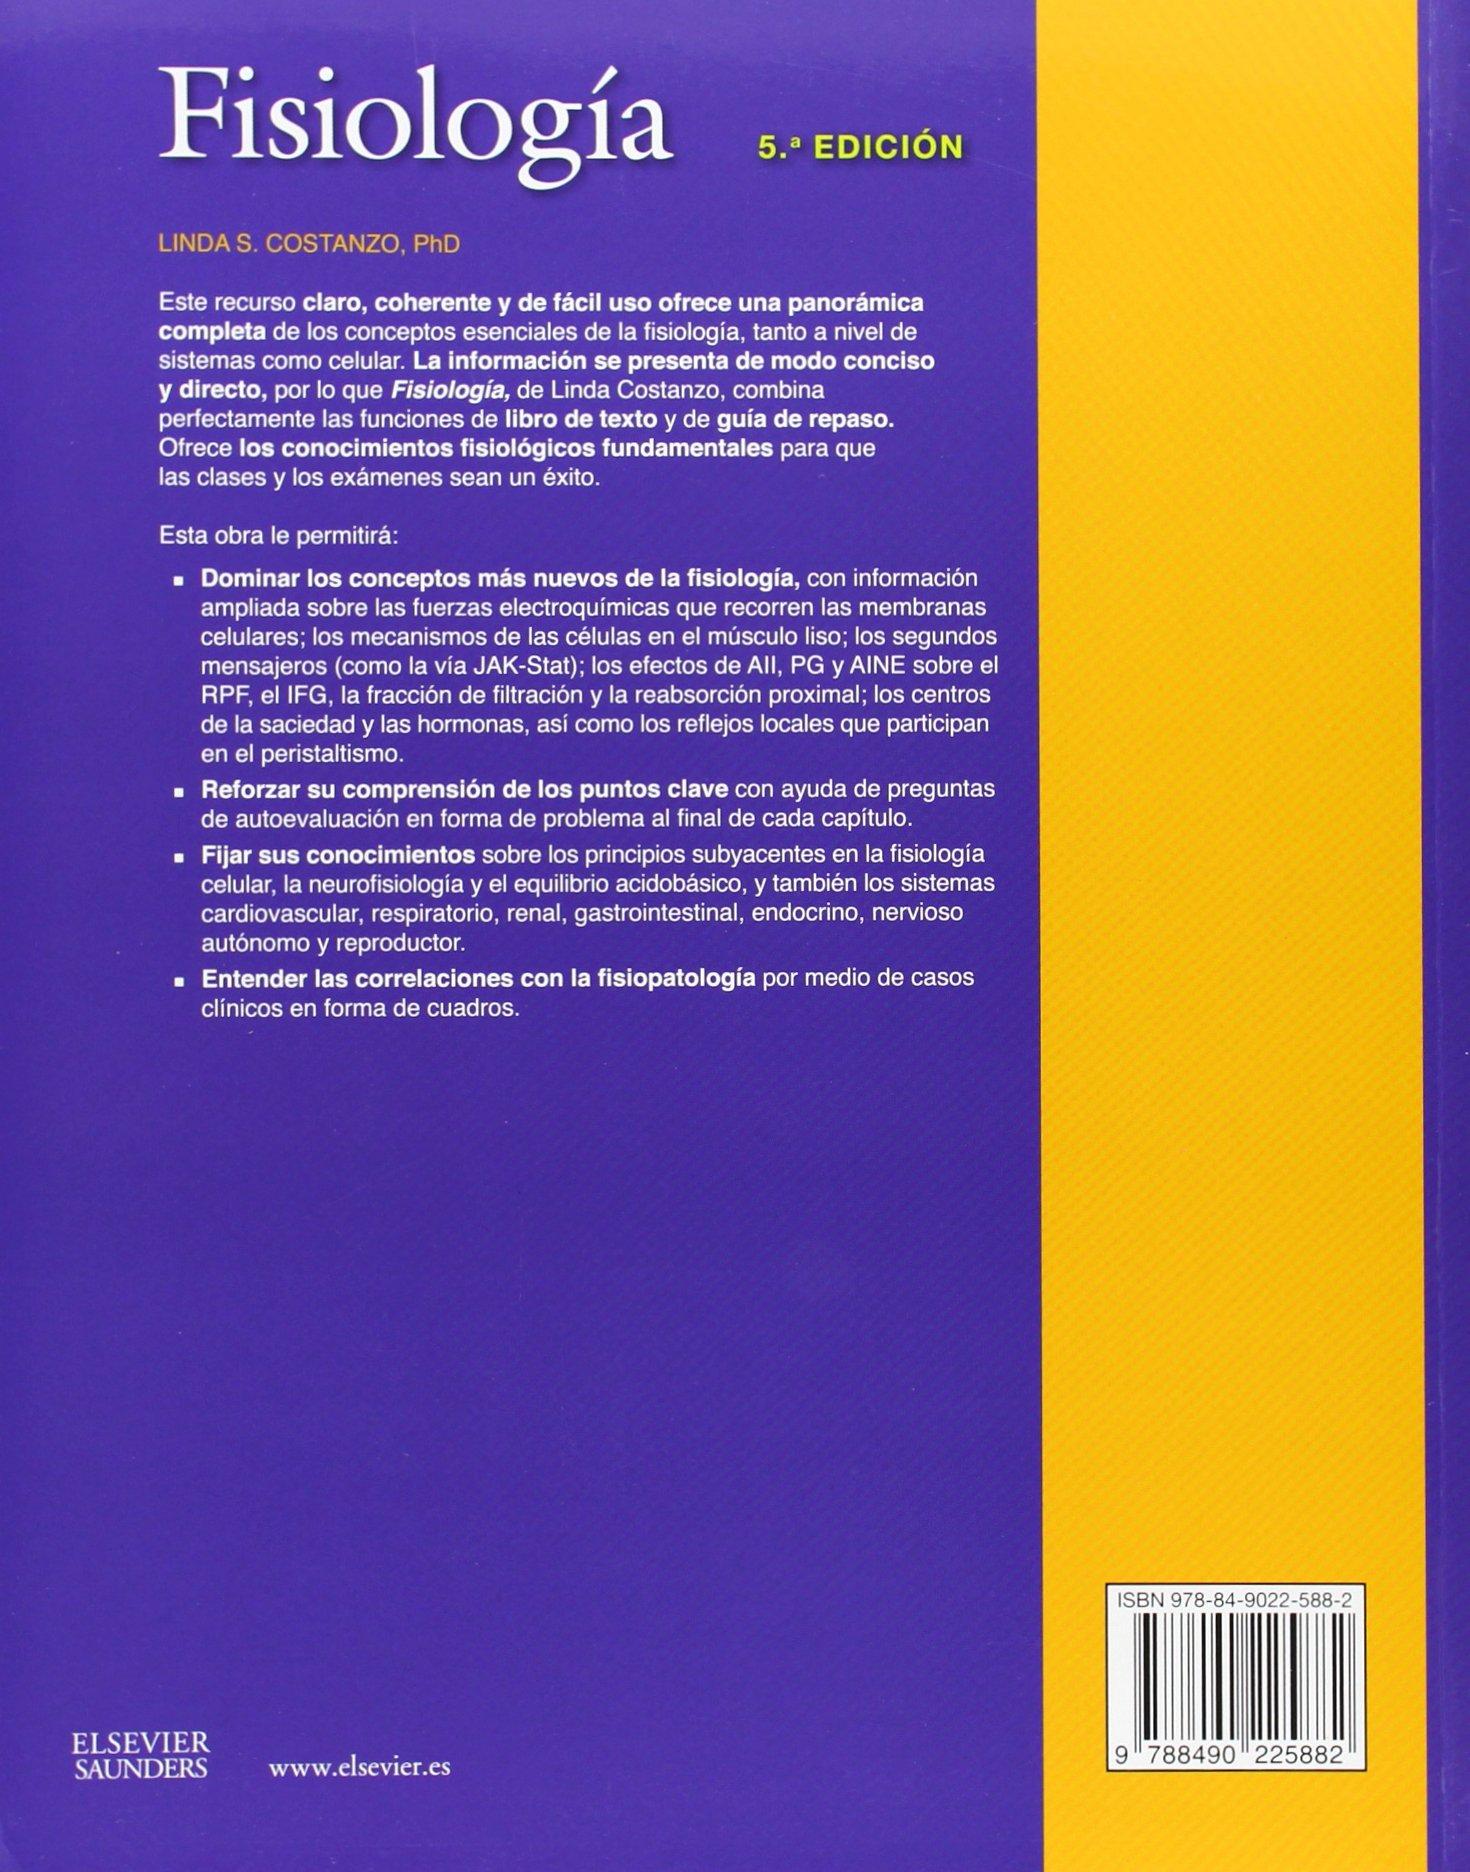 Fisiología - 5ª Edición: Amazon.es: Linda S. Costanzo: Libros